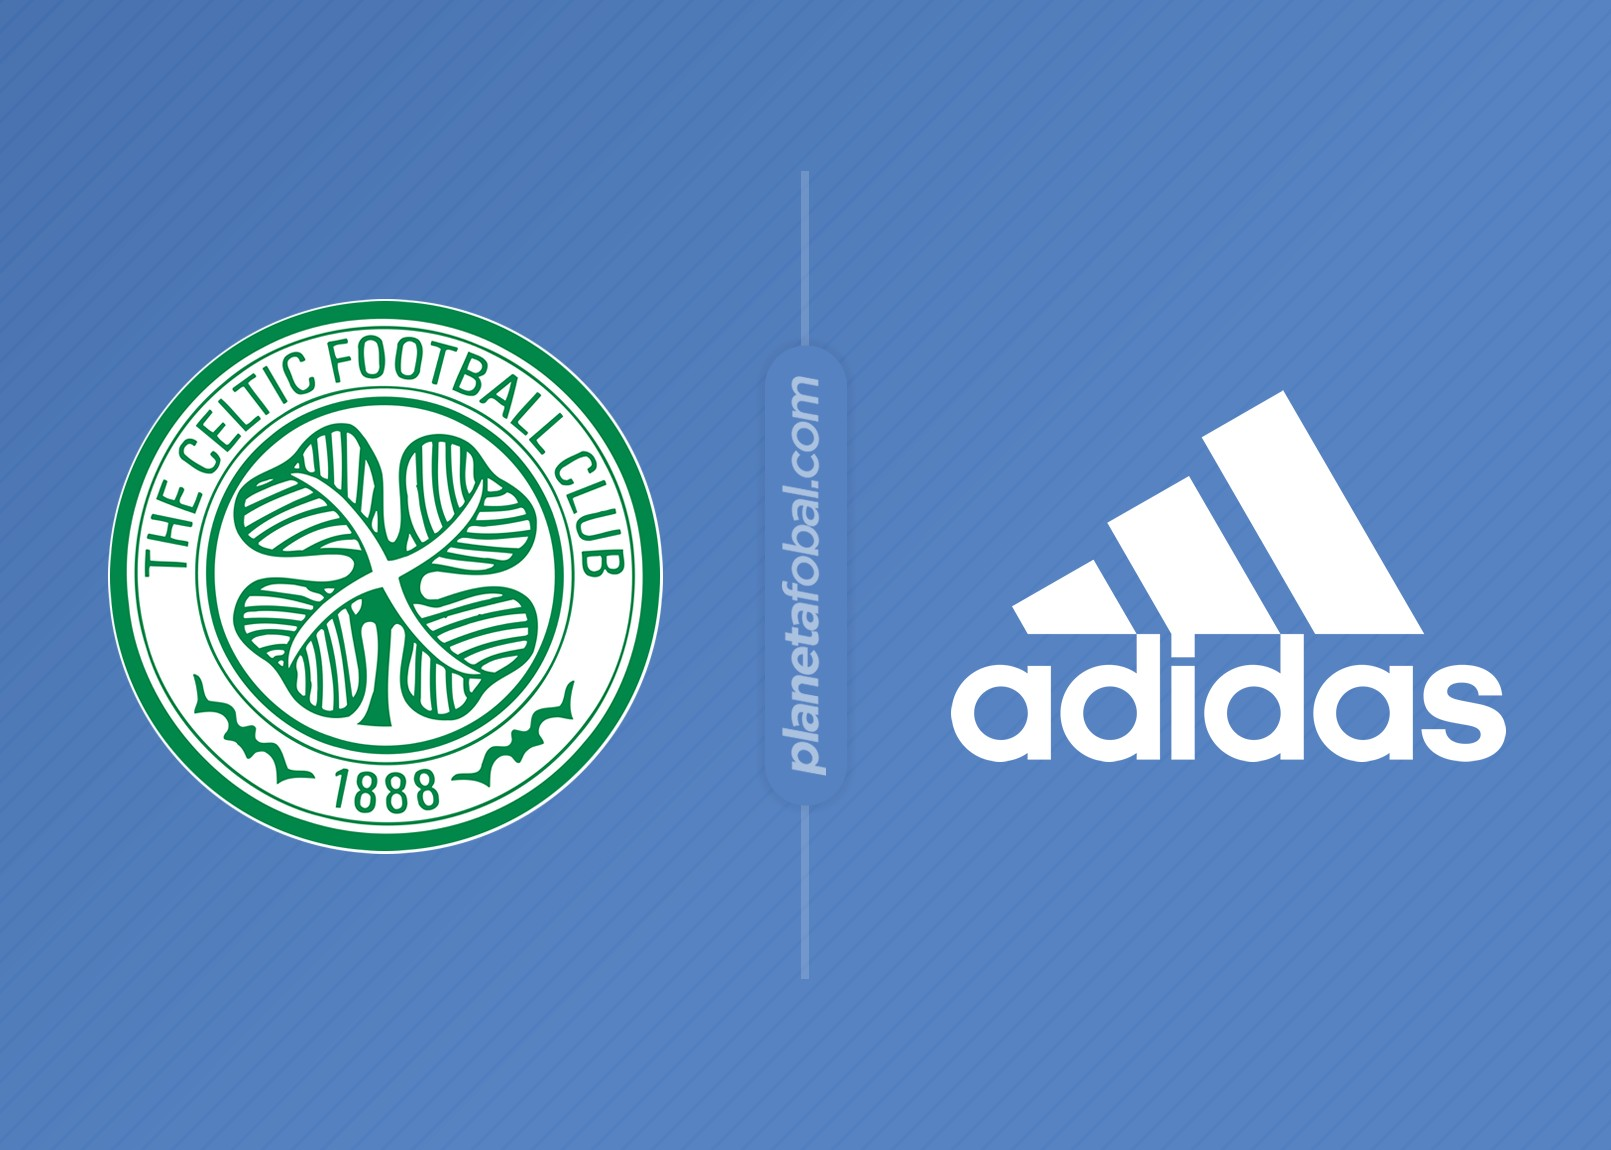 Celtic FC anuncia contrato de 5 años con adidas